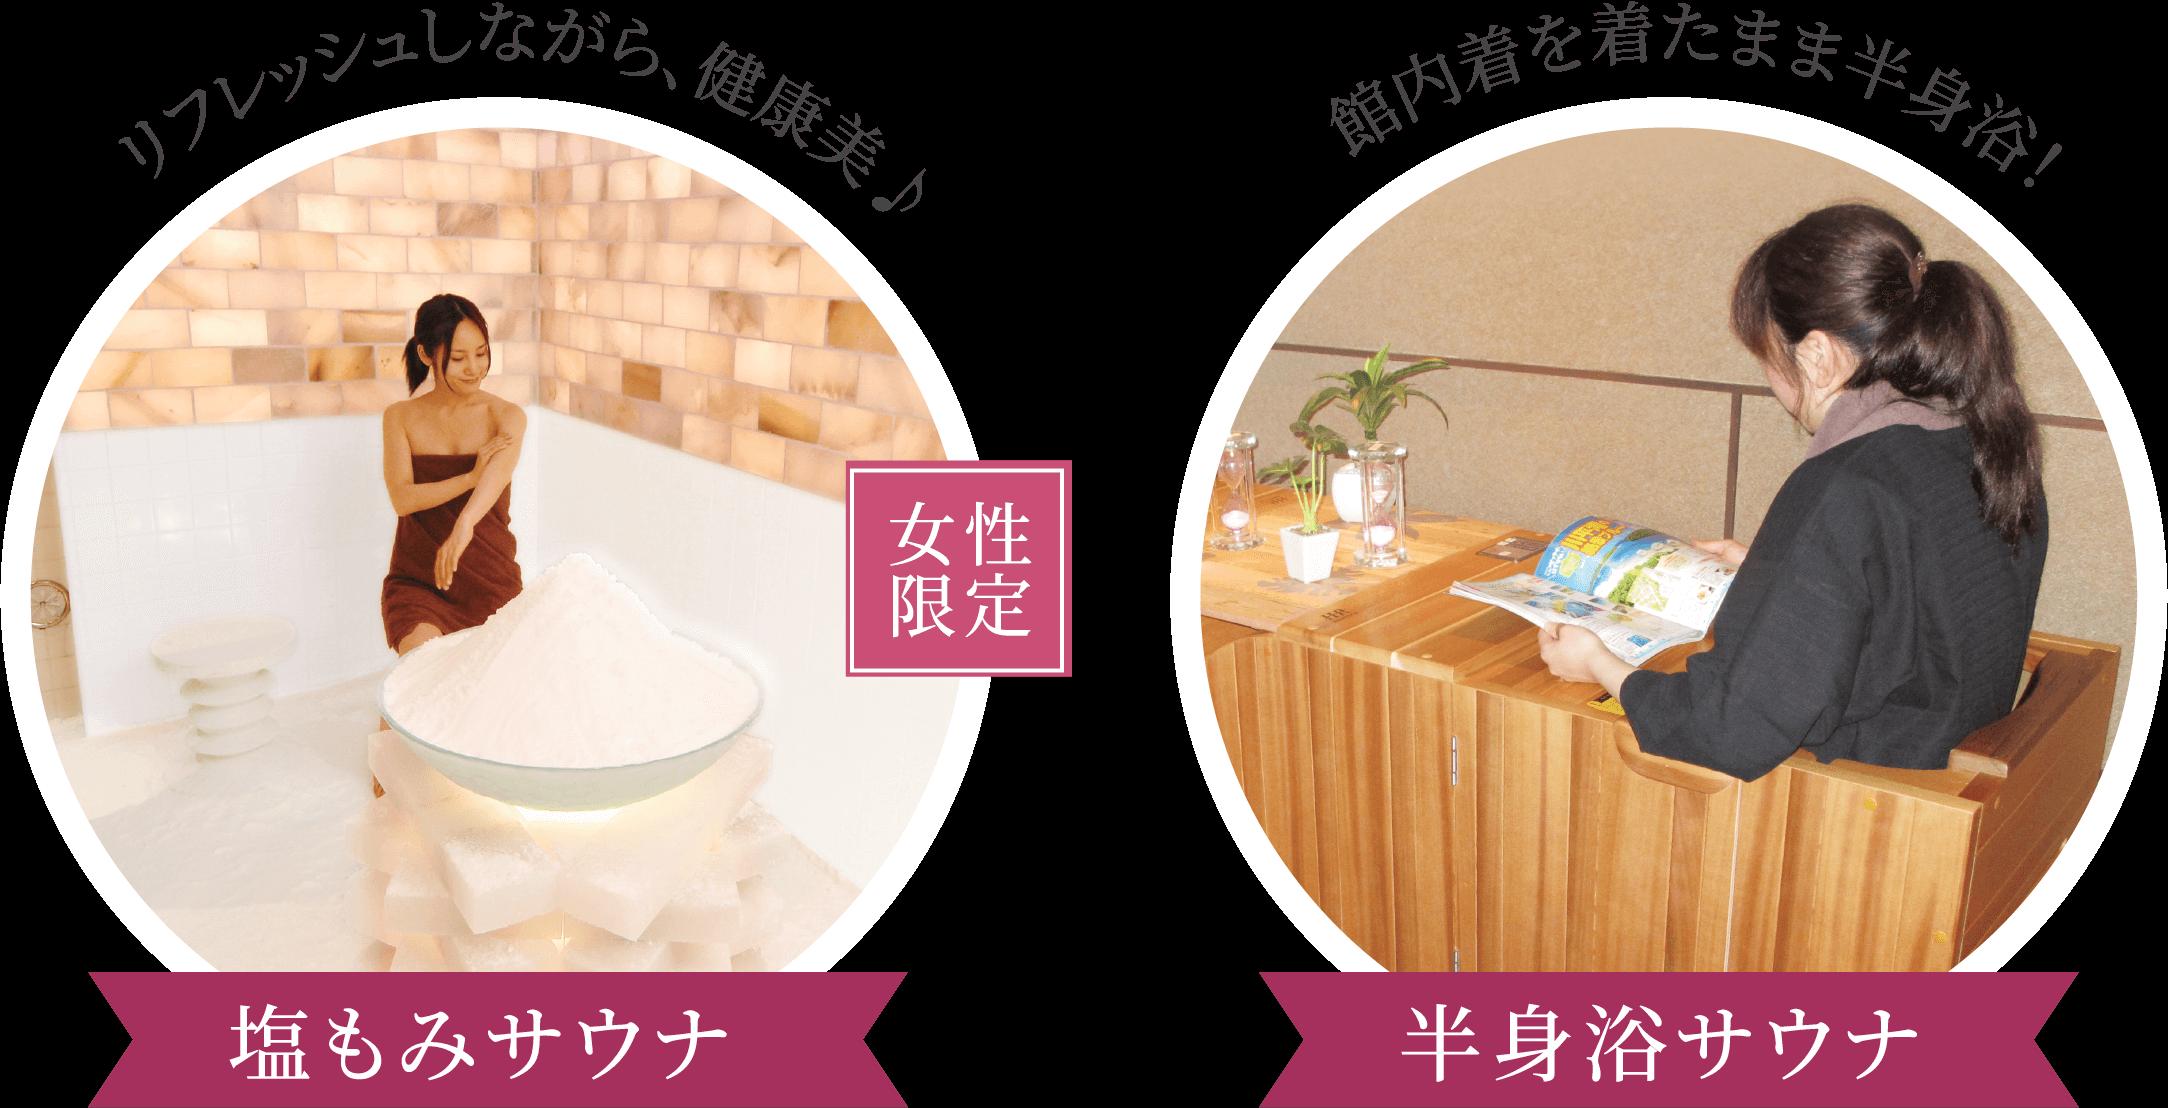 塩もみサウナ / 半身浴サウナ